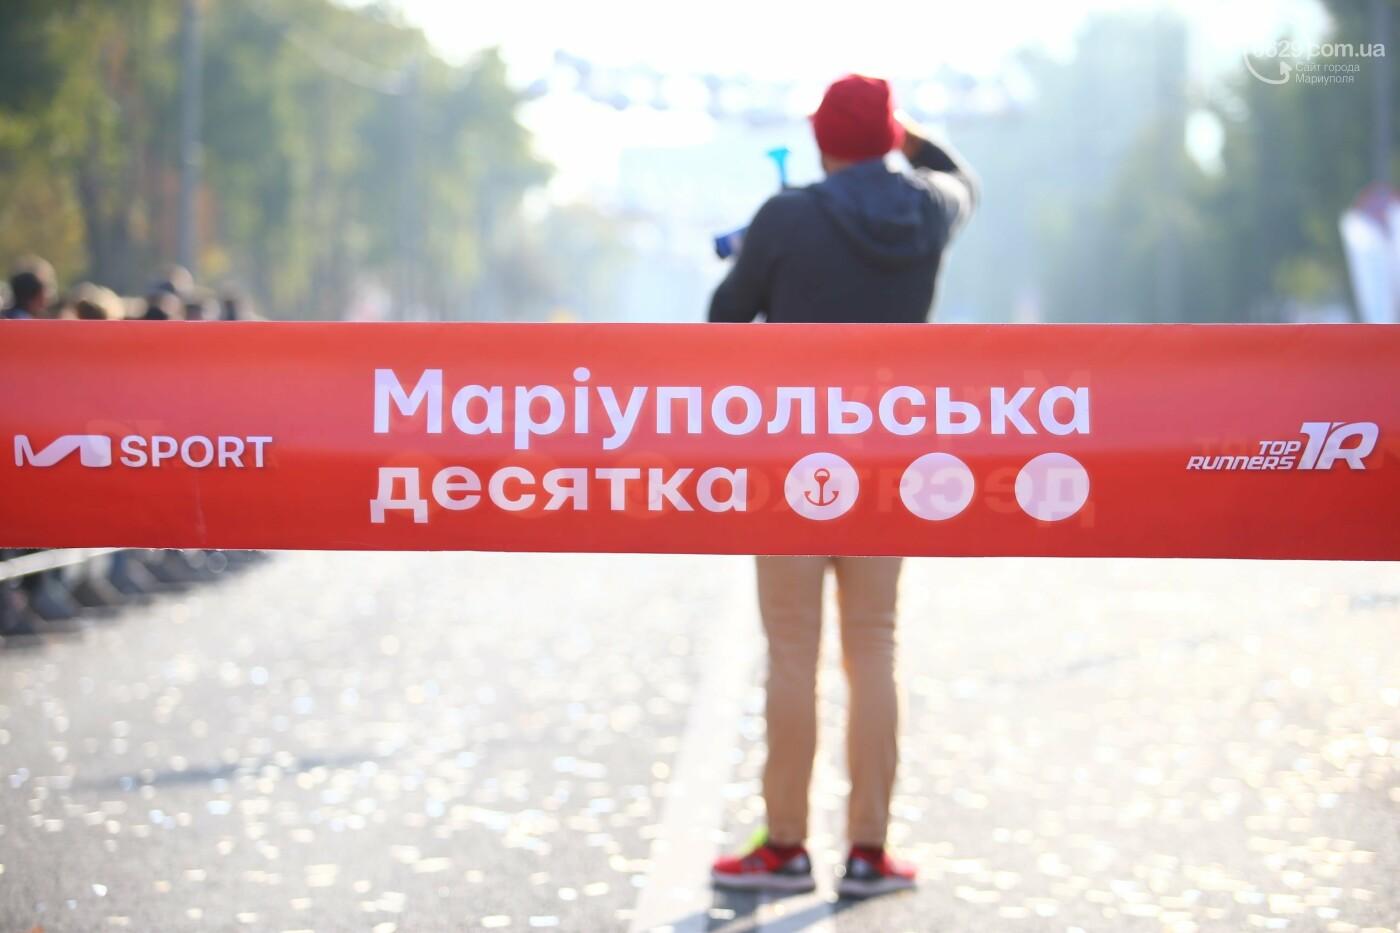 """В Мариуполе стартует массовый забег """"Мариупольская десятка"""" (ФОТООТЧЕТ), фото-38"""